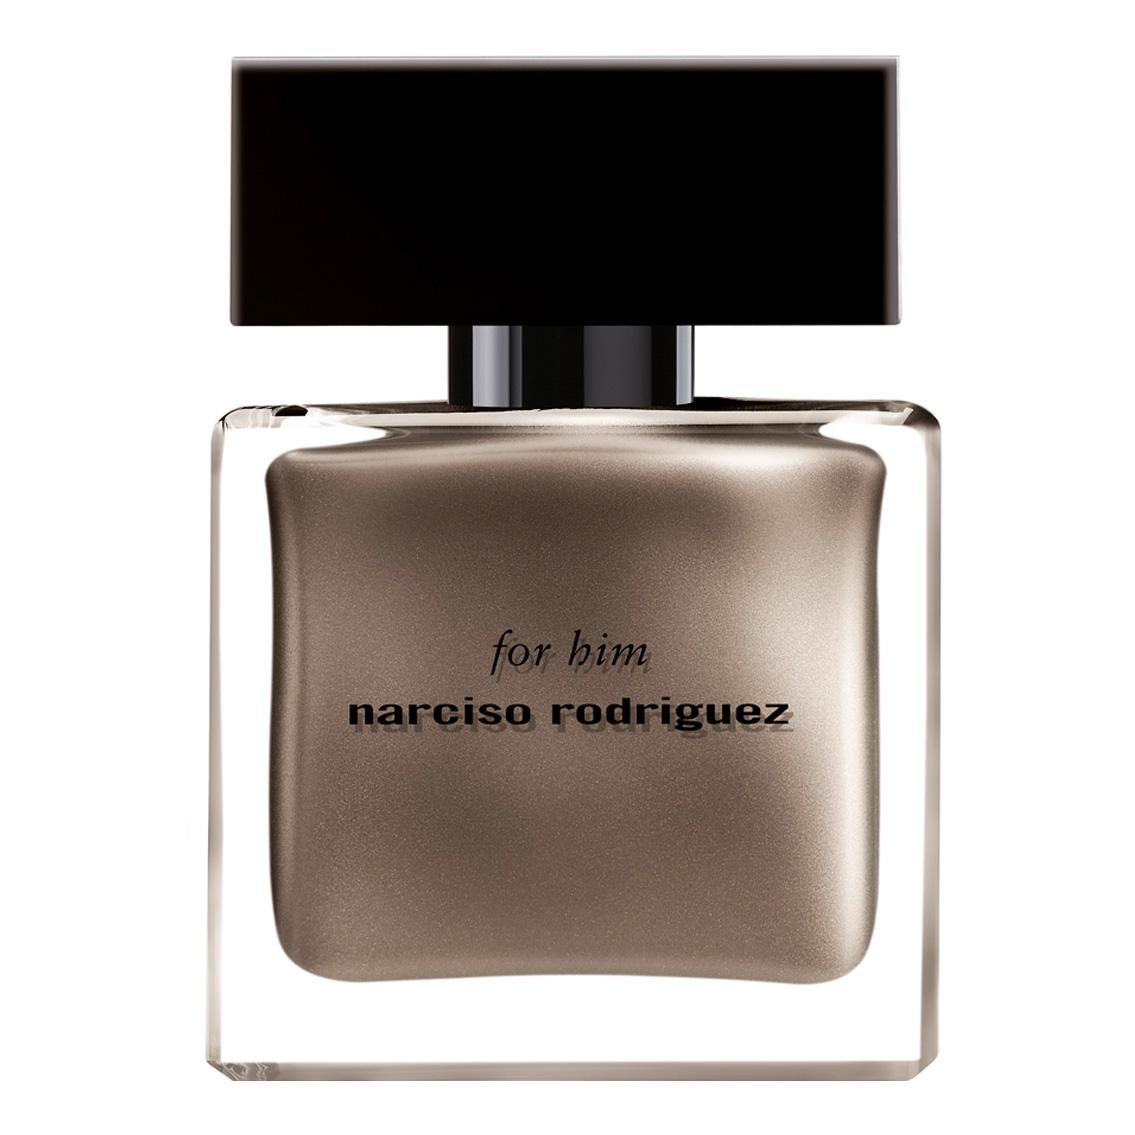 Narciso Rodriguez for him Eau de Parfum 50ml